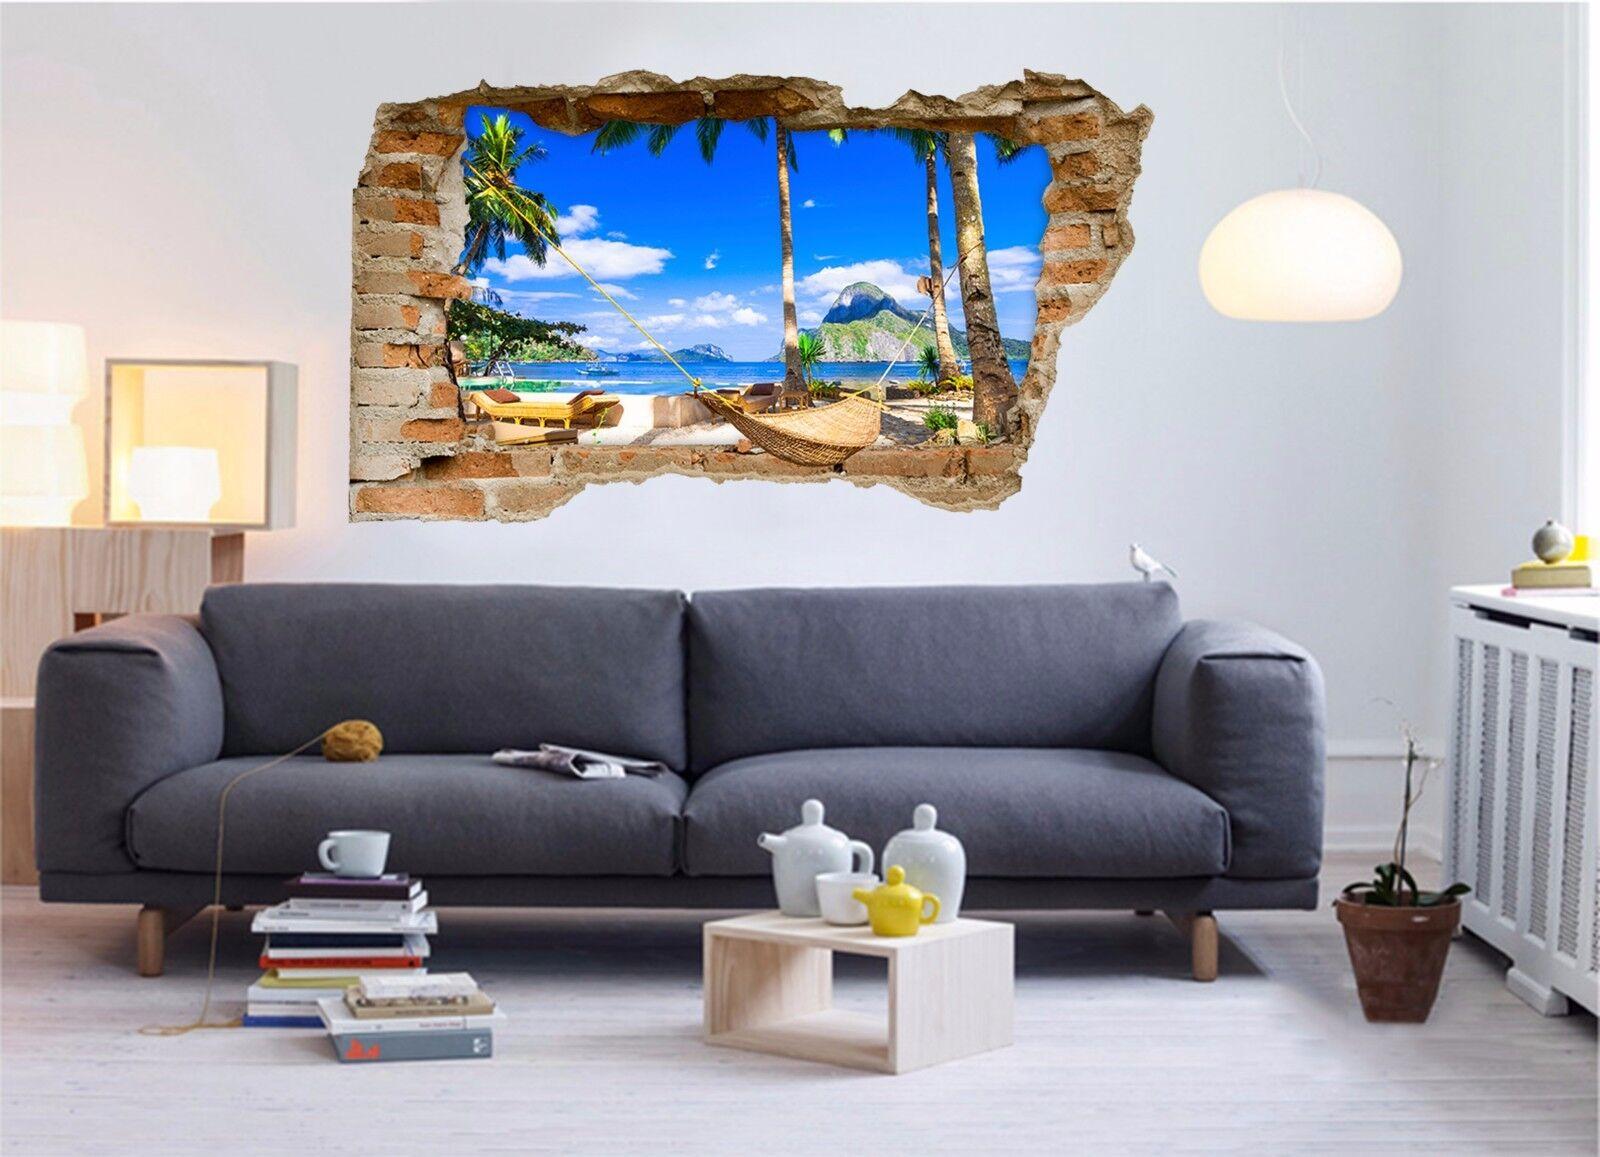 3D Swing Inseln 94  Mauer Murals Mauer Aufklebe Decal Durchbruch AJ WALLPAPER DE